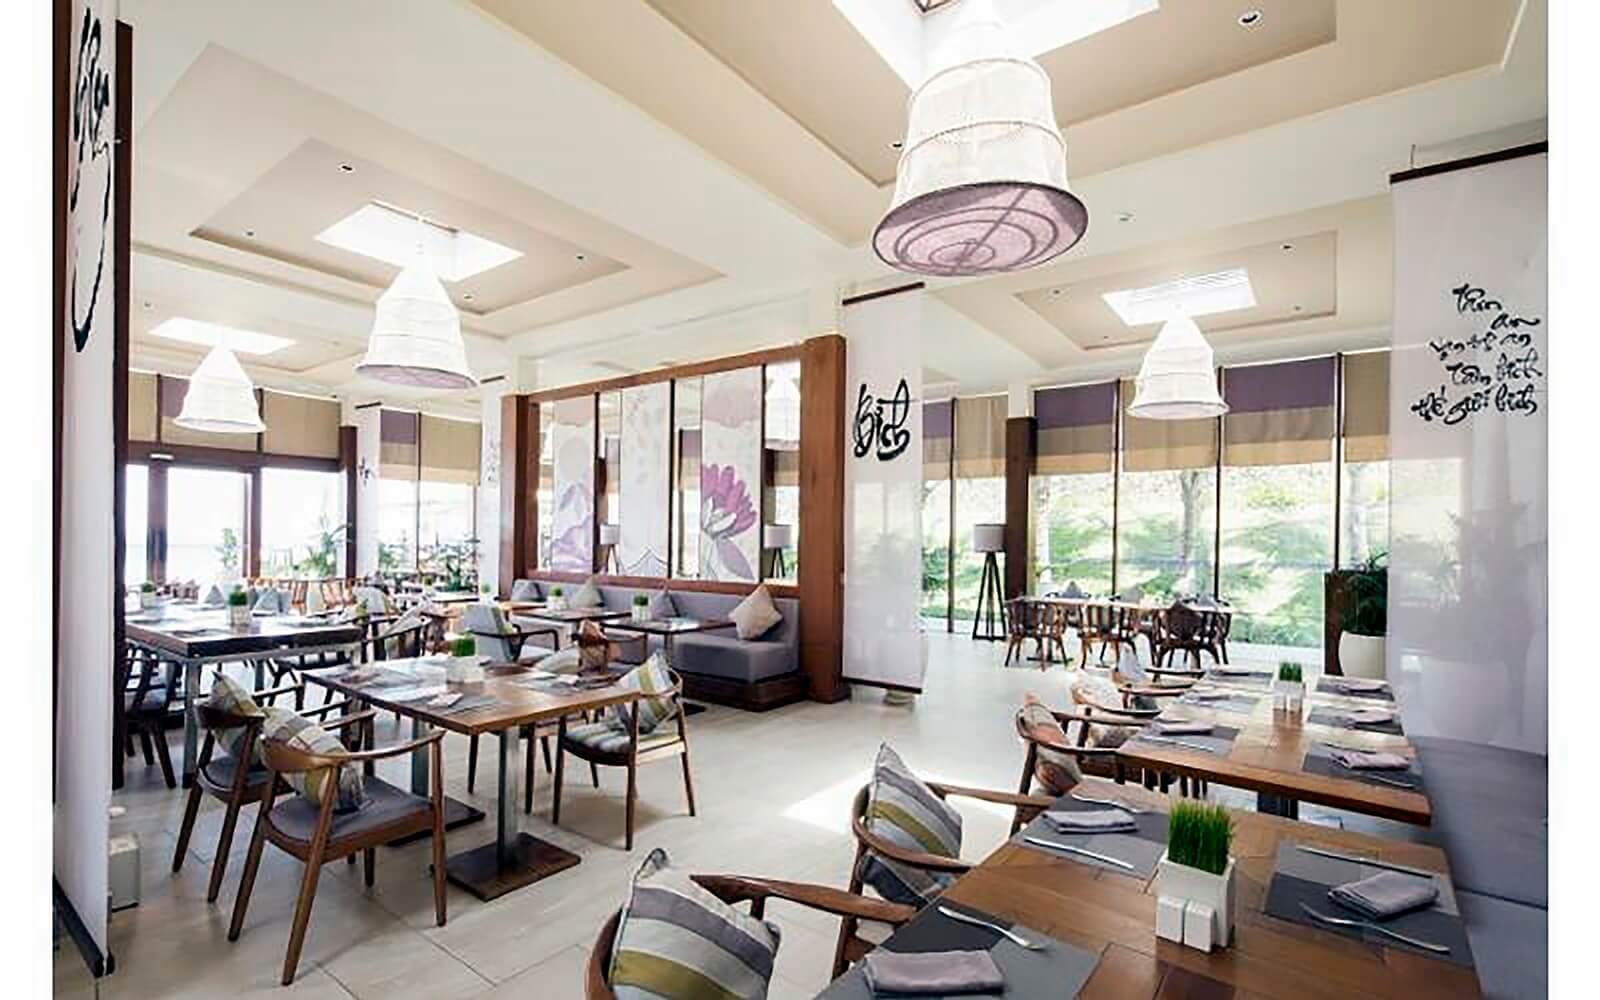 Với những chiếc đèn thả mang đậm nét nghệ thuật của Đèn Xinh, không gian Fusion Resort Cam Ranh  trở nên ấn tượng, thu hút